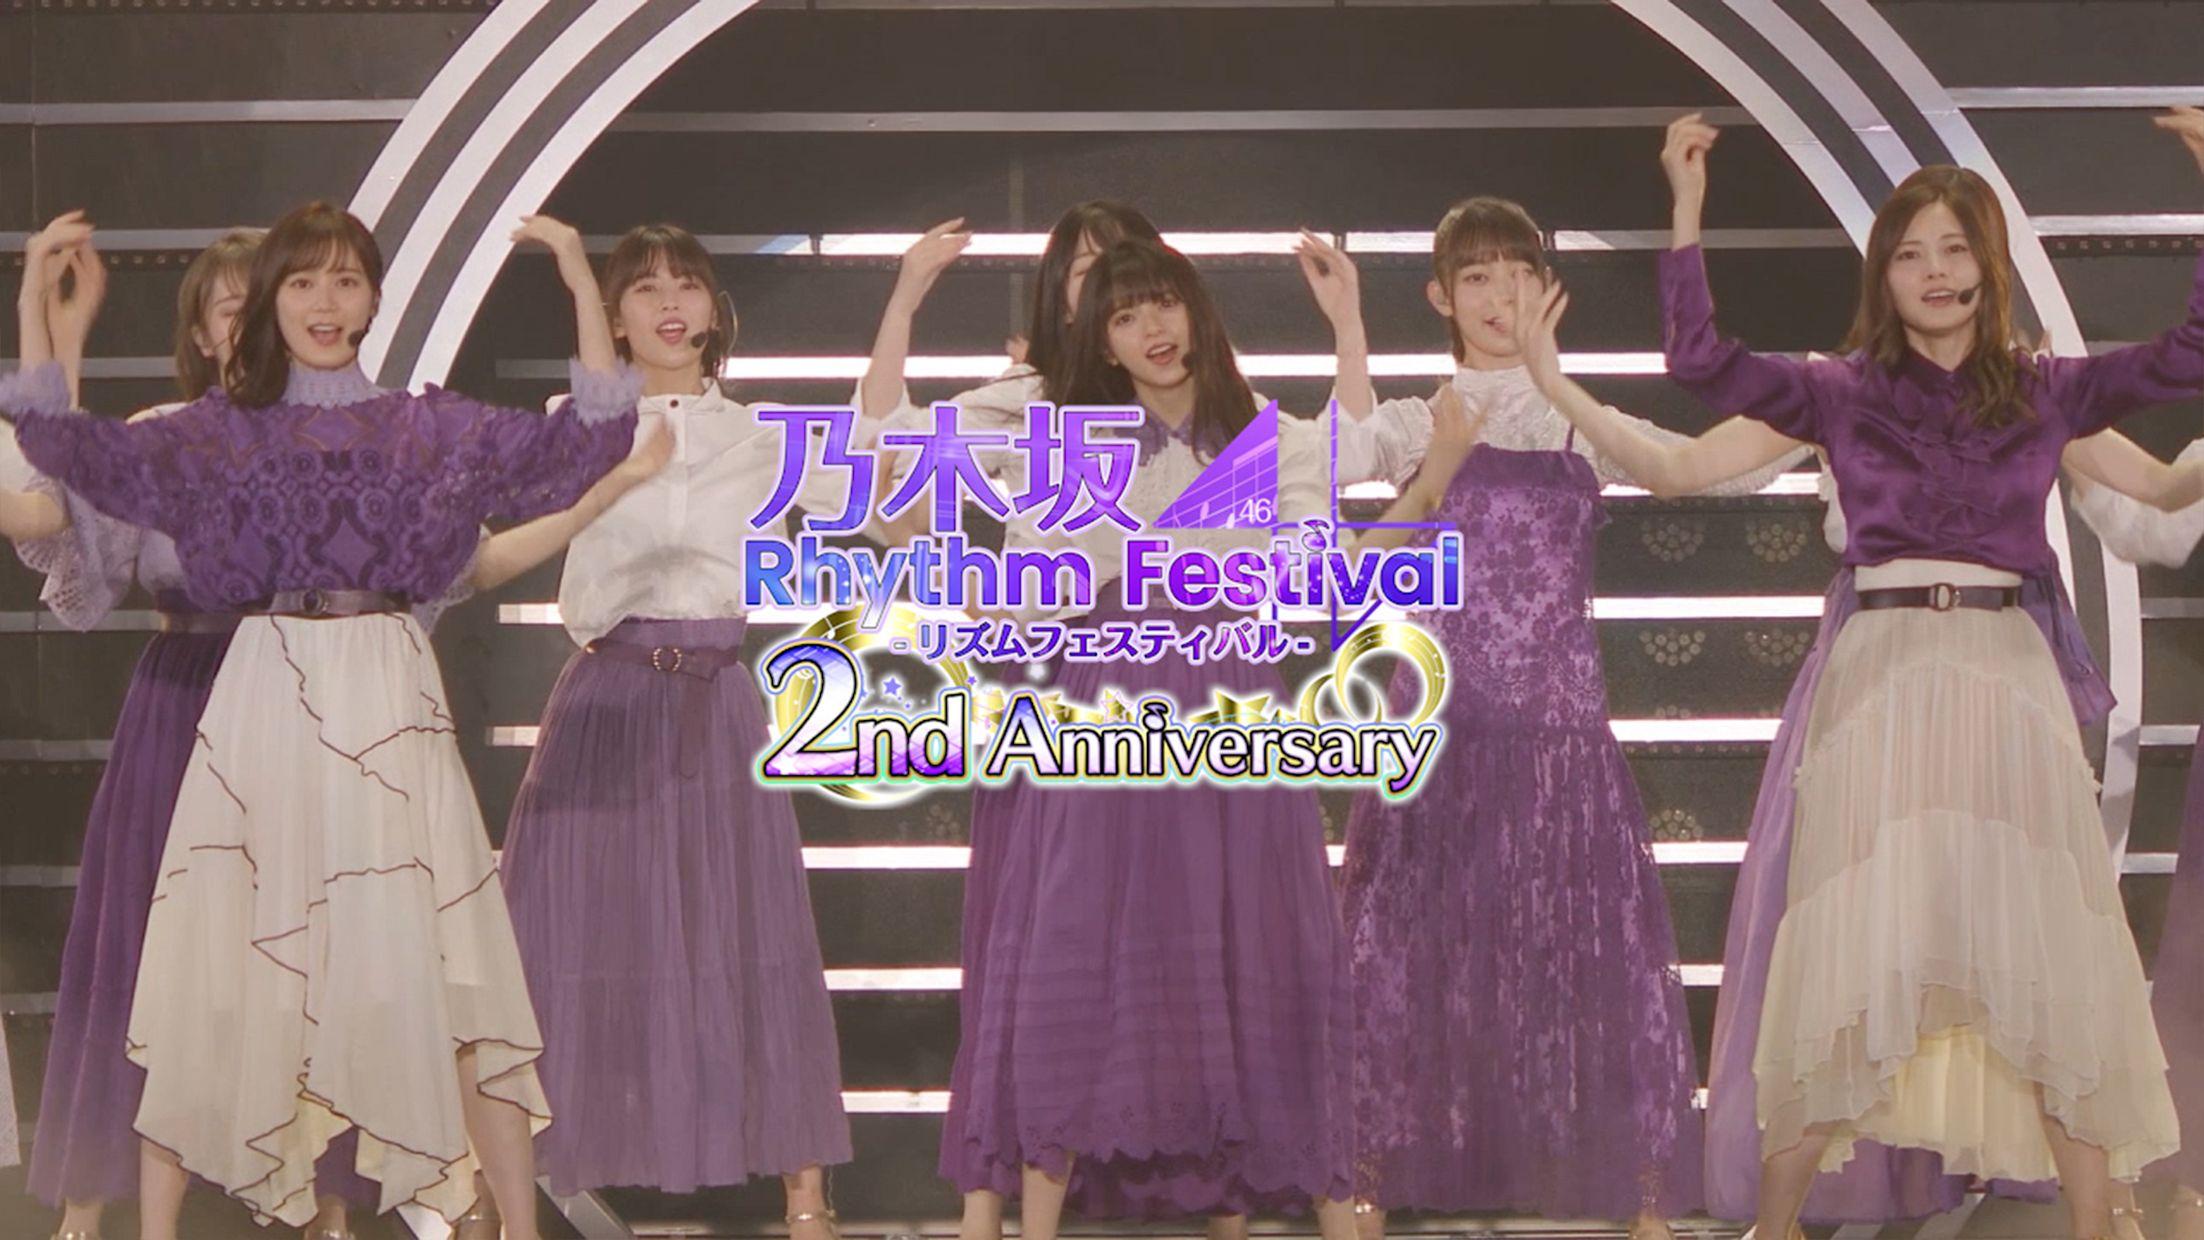 乃木坂46 Rhythm Festival 游戏截图5